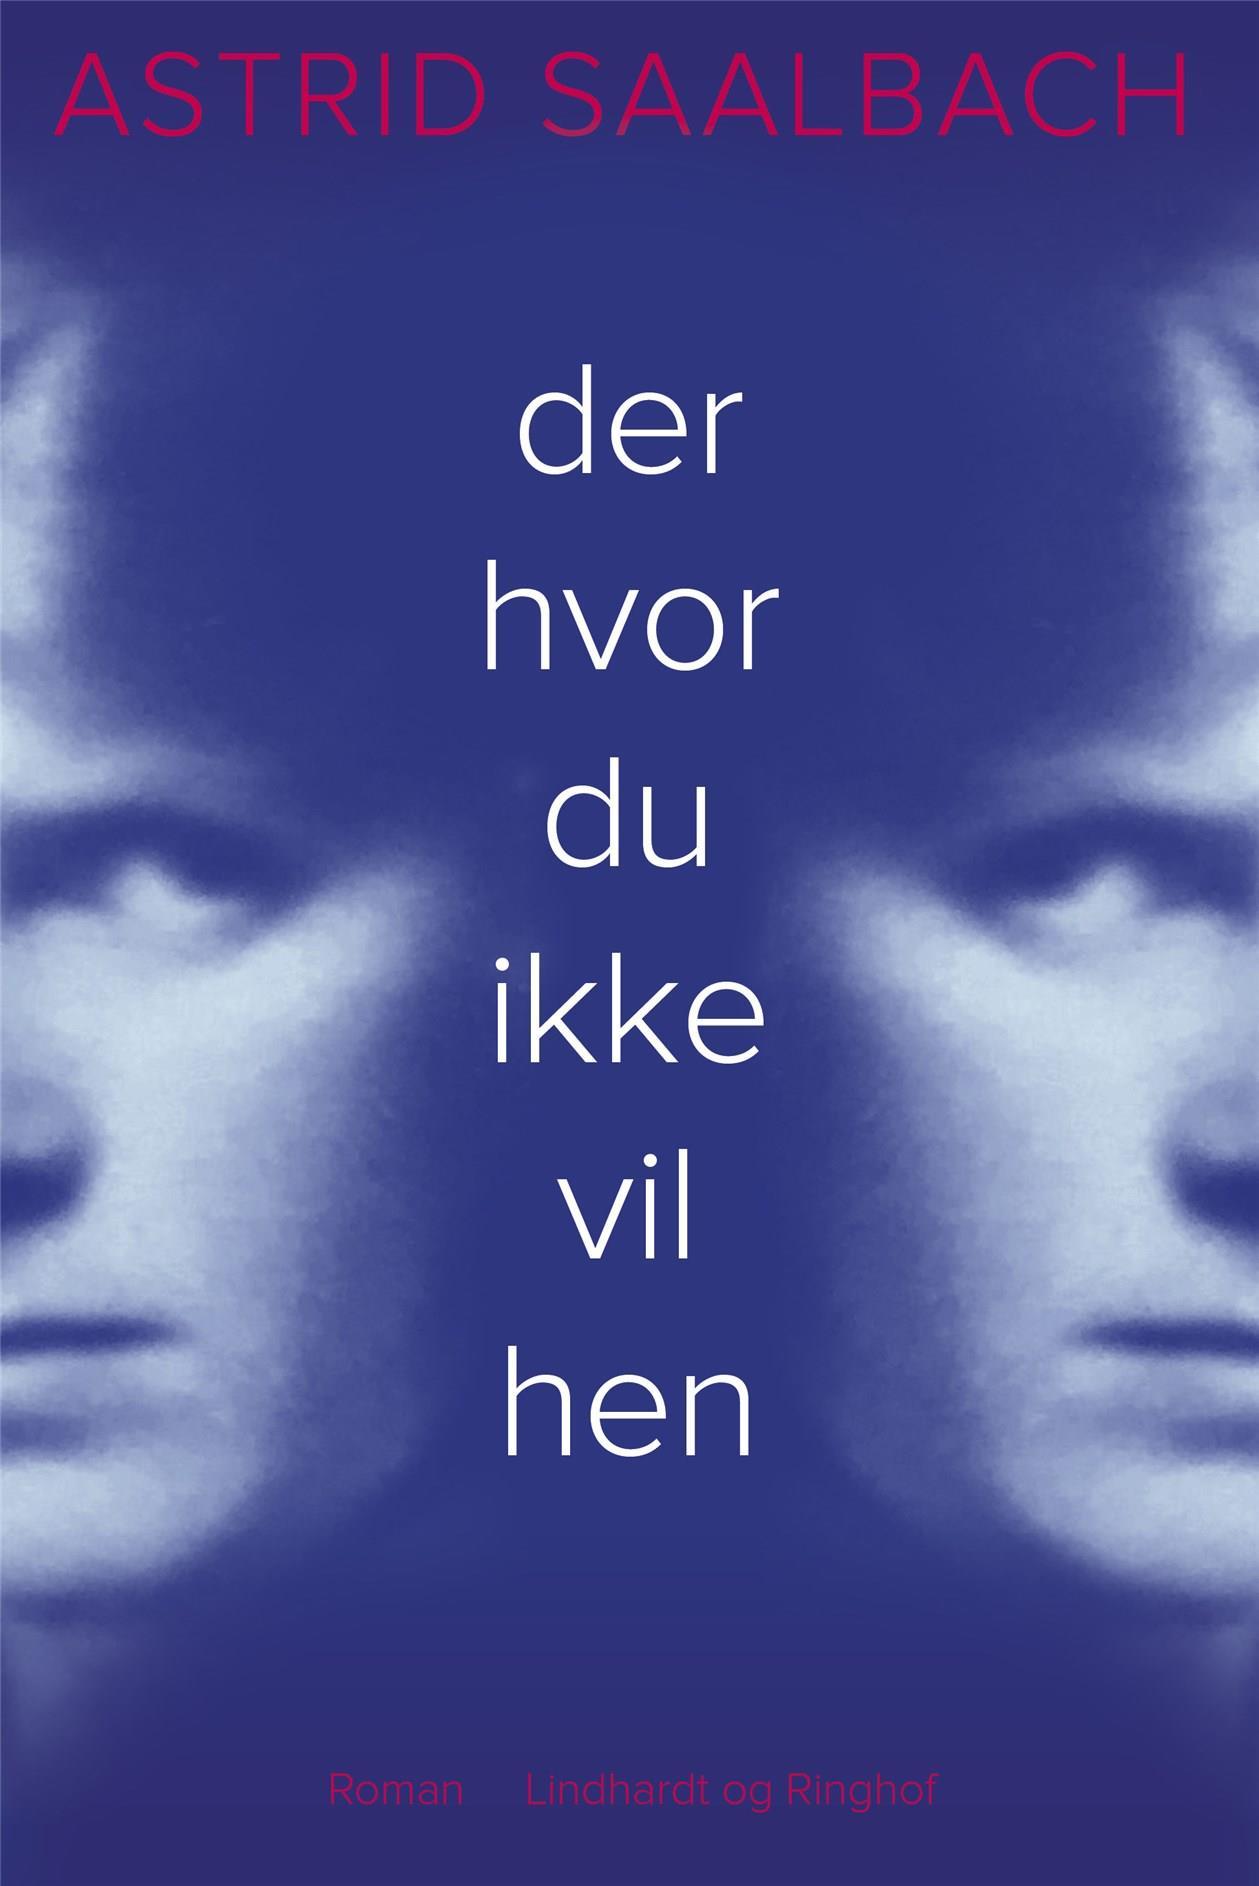 Der hvor du ikke vil hen - Astrid Saalbach - Bøger - Lindhardt og Ringhof - 9788711986820 - April 23, 2021